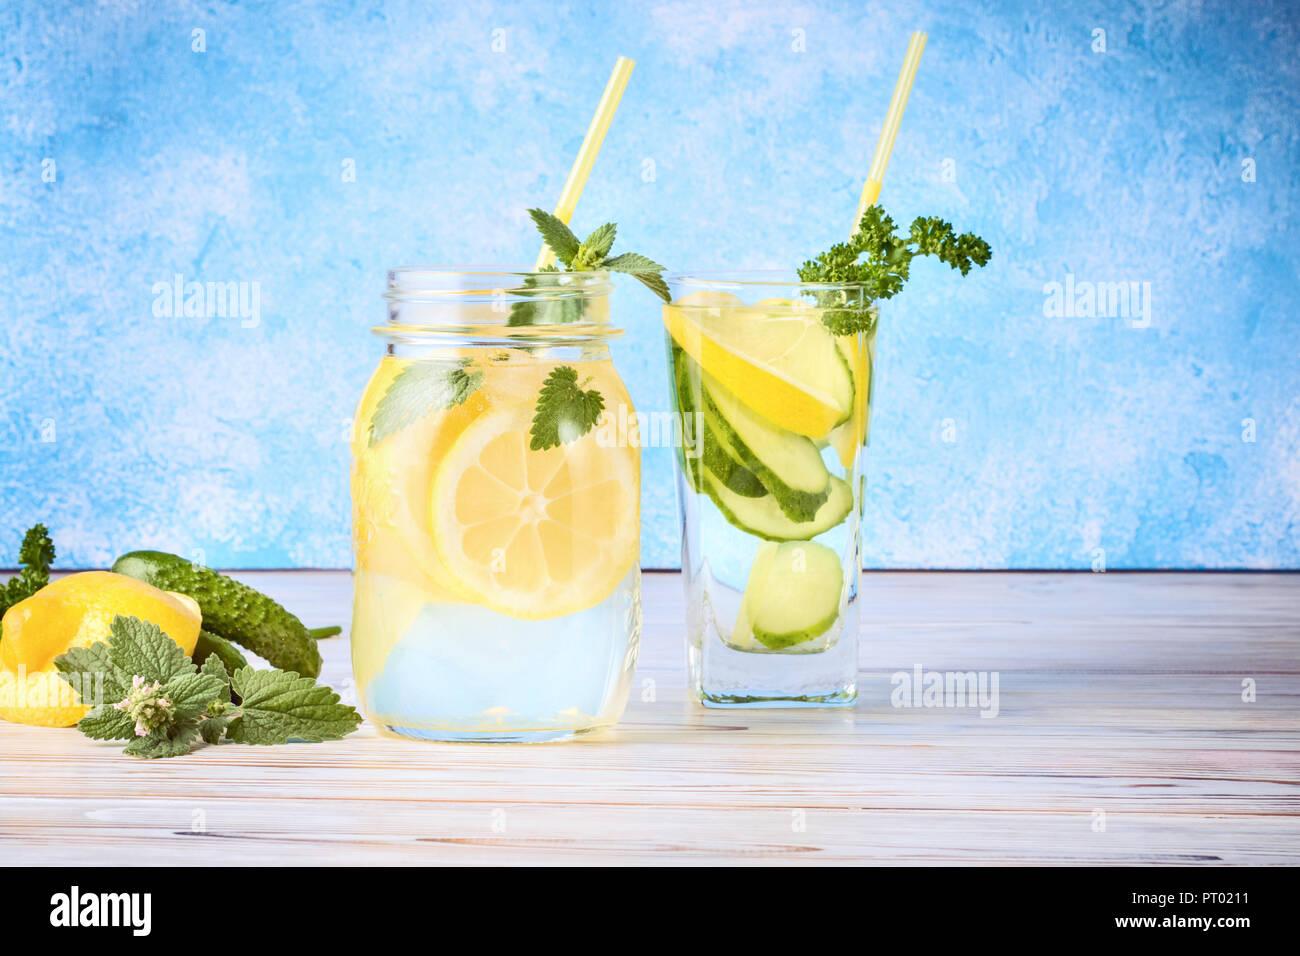 Ensemble de deux boissons detox régime populaire pour nettoyer l'eau de concombre antioxydant et de la limonade avec les feuilles de menthe Concept cuisine maison Photo Stock